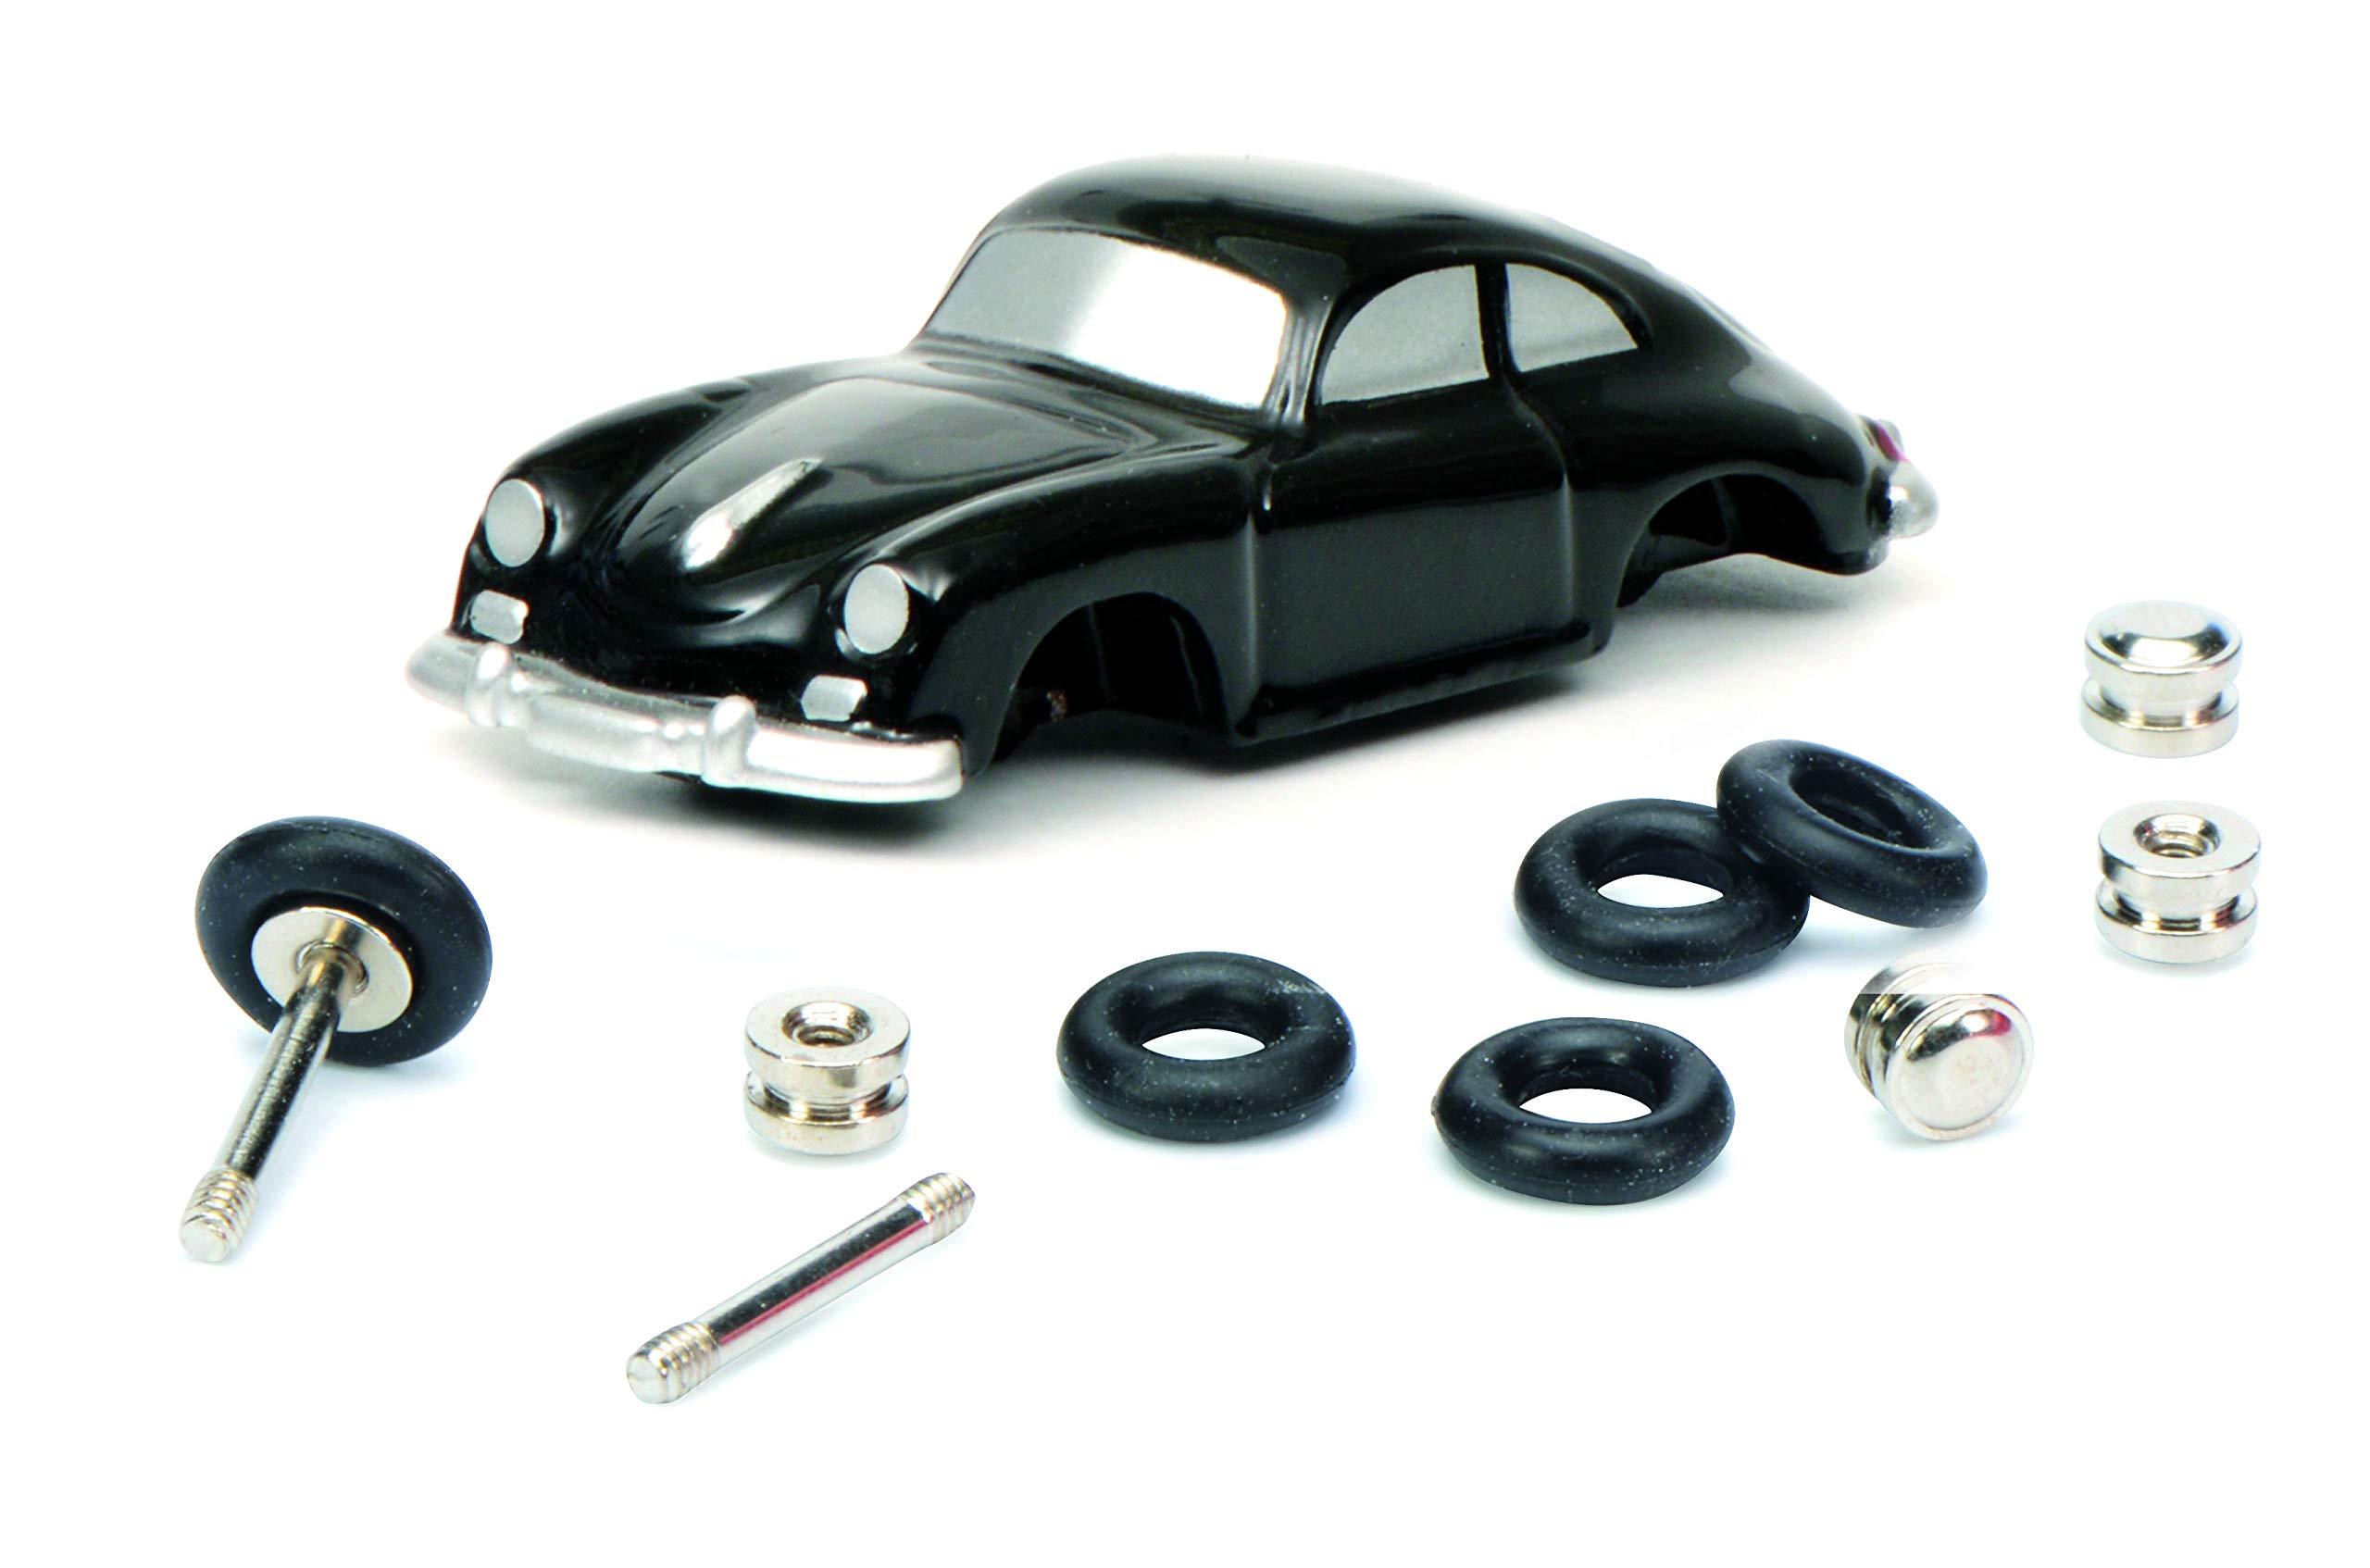 Schuco Piccolo 450559800 Mounting Box for Porsche Installer 450559800 Model Car Black